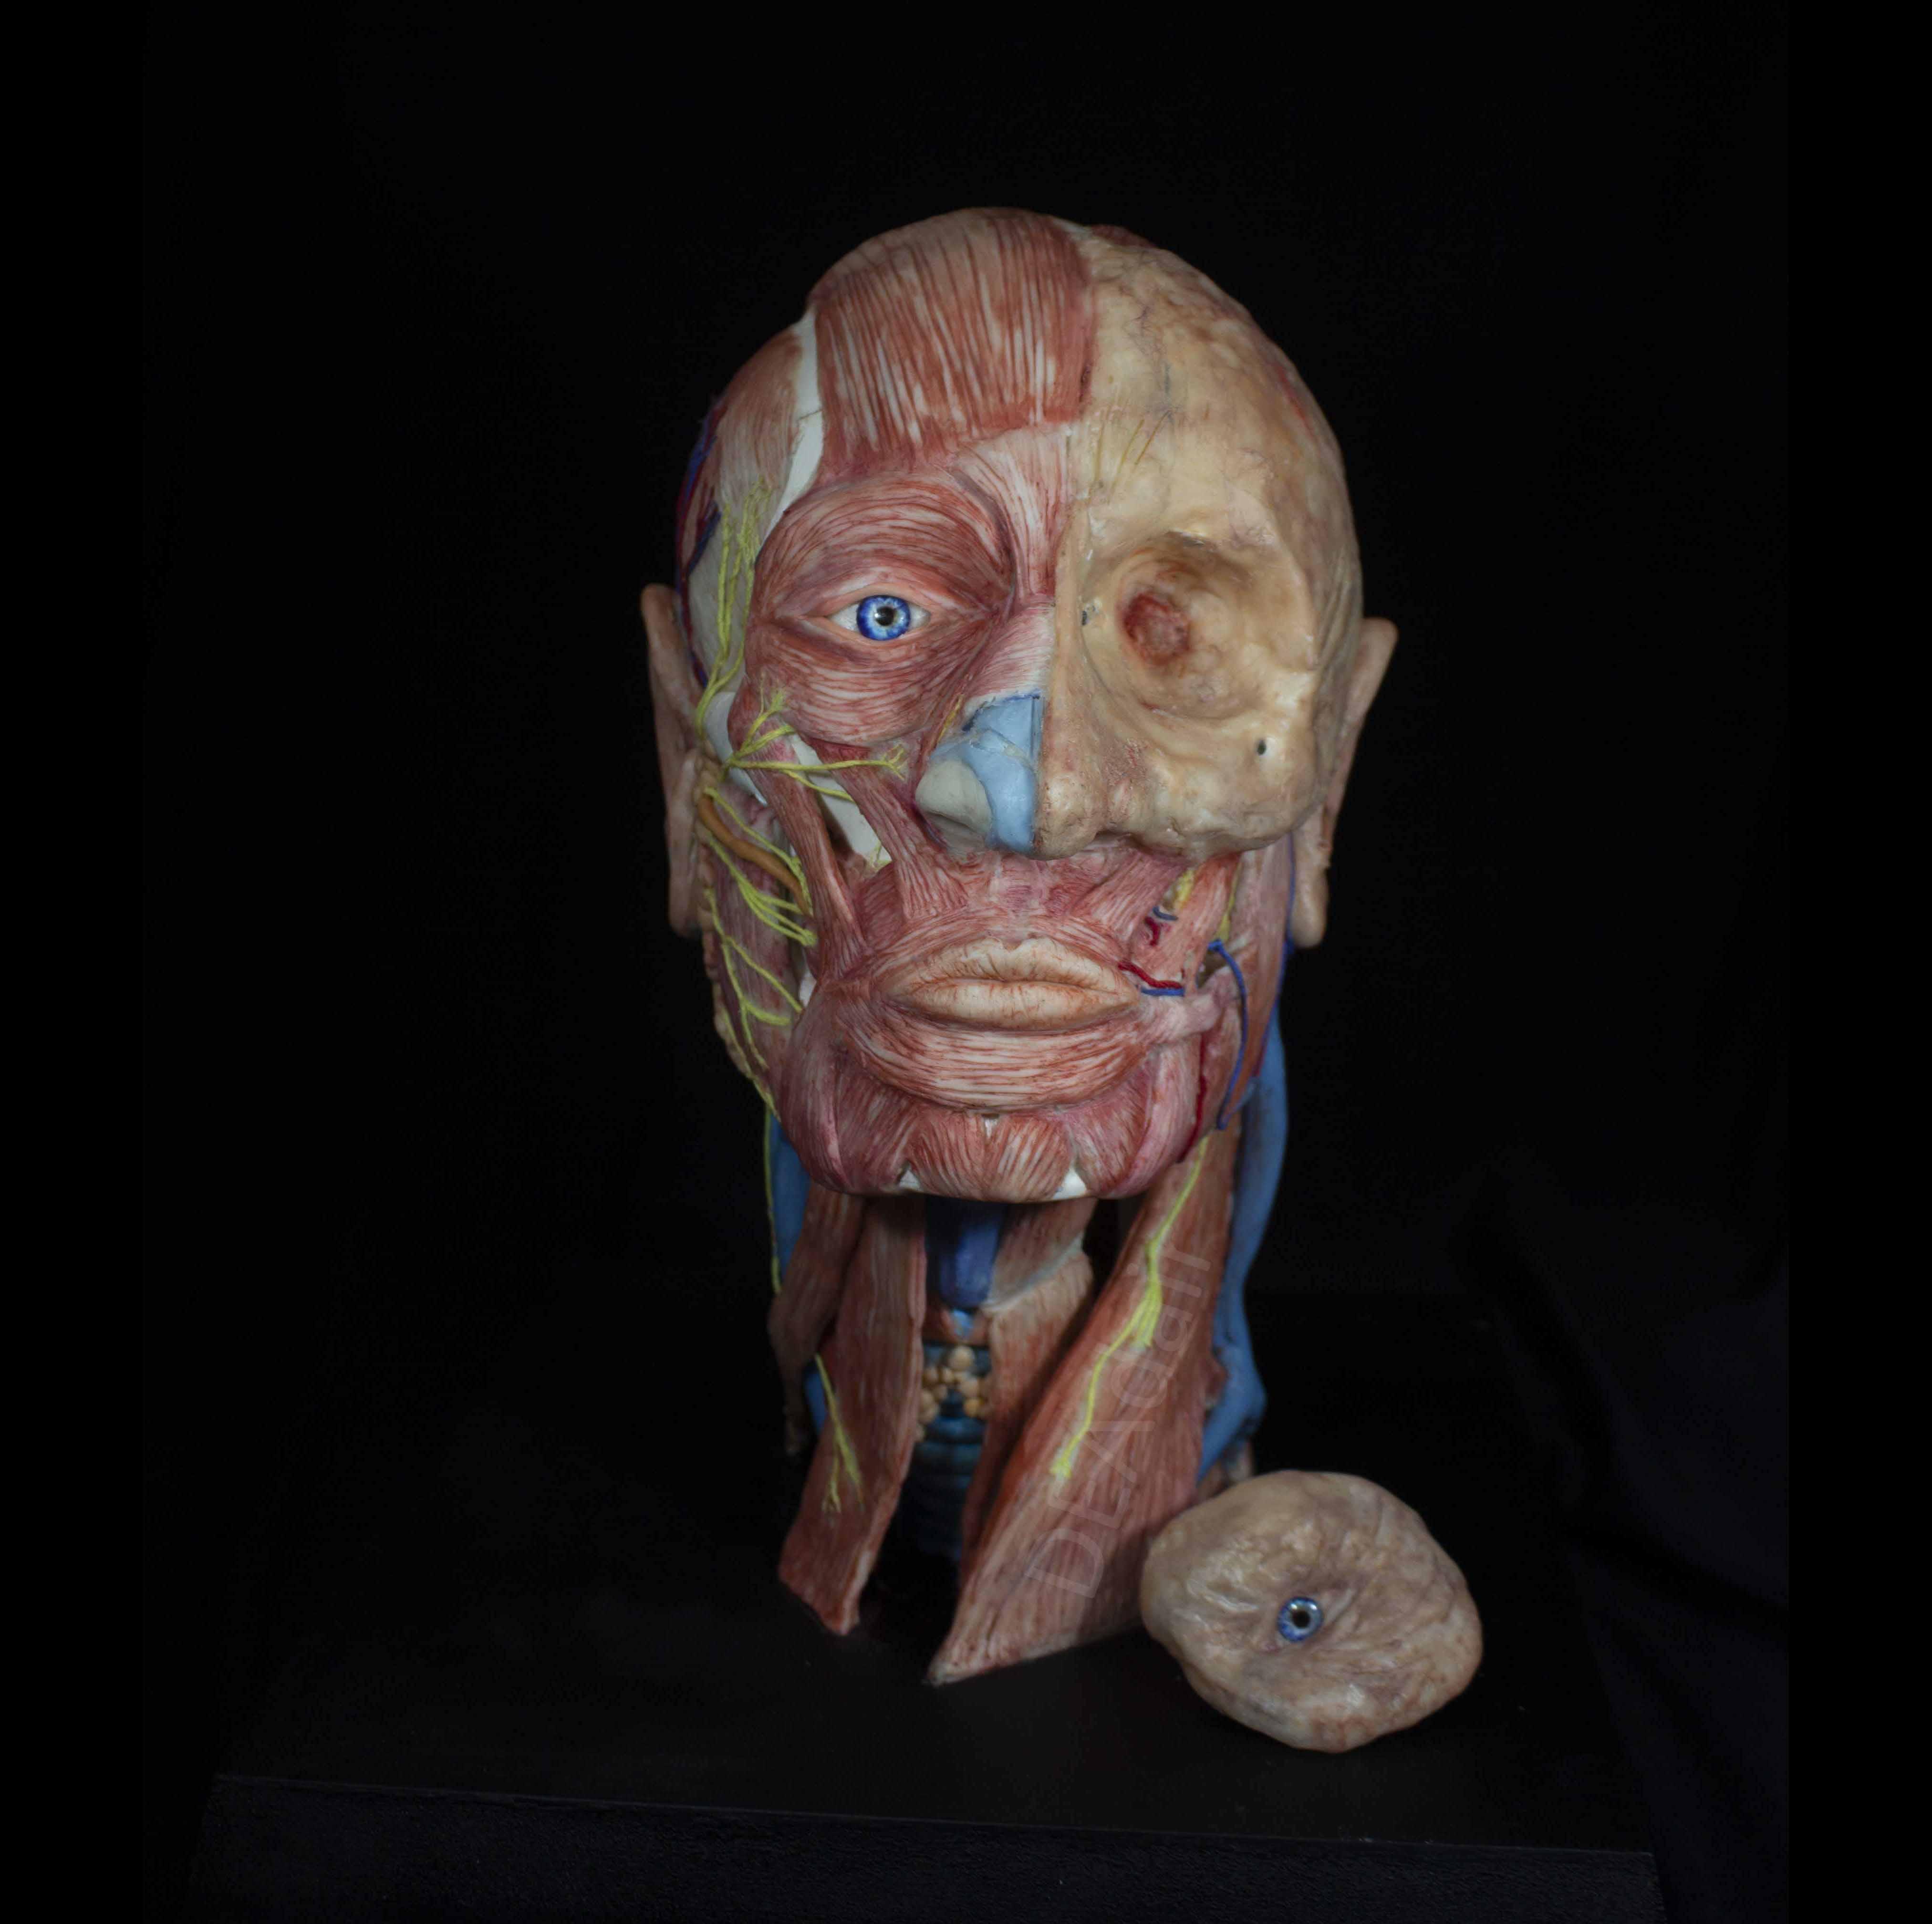 Anatomical Sculpture